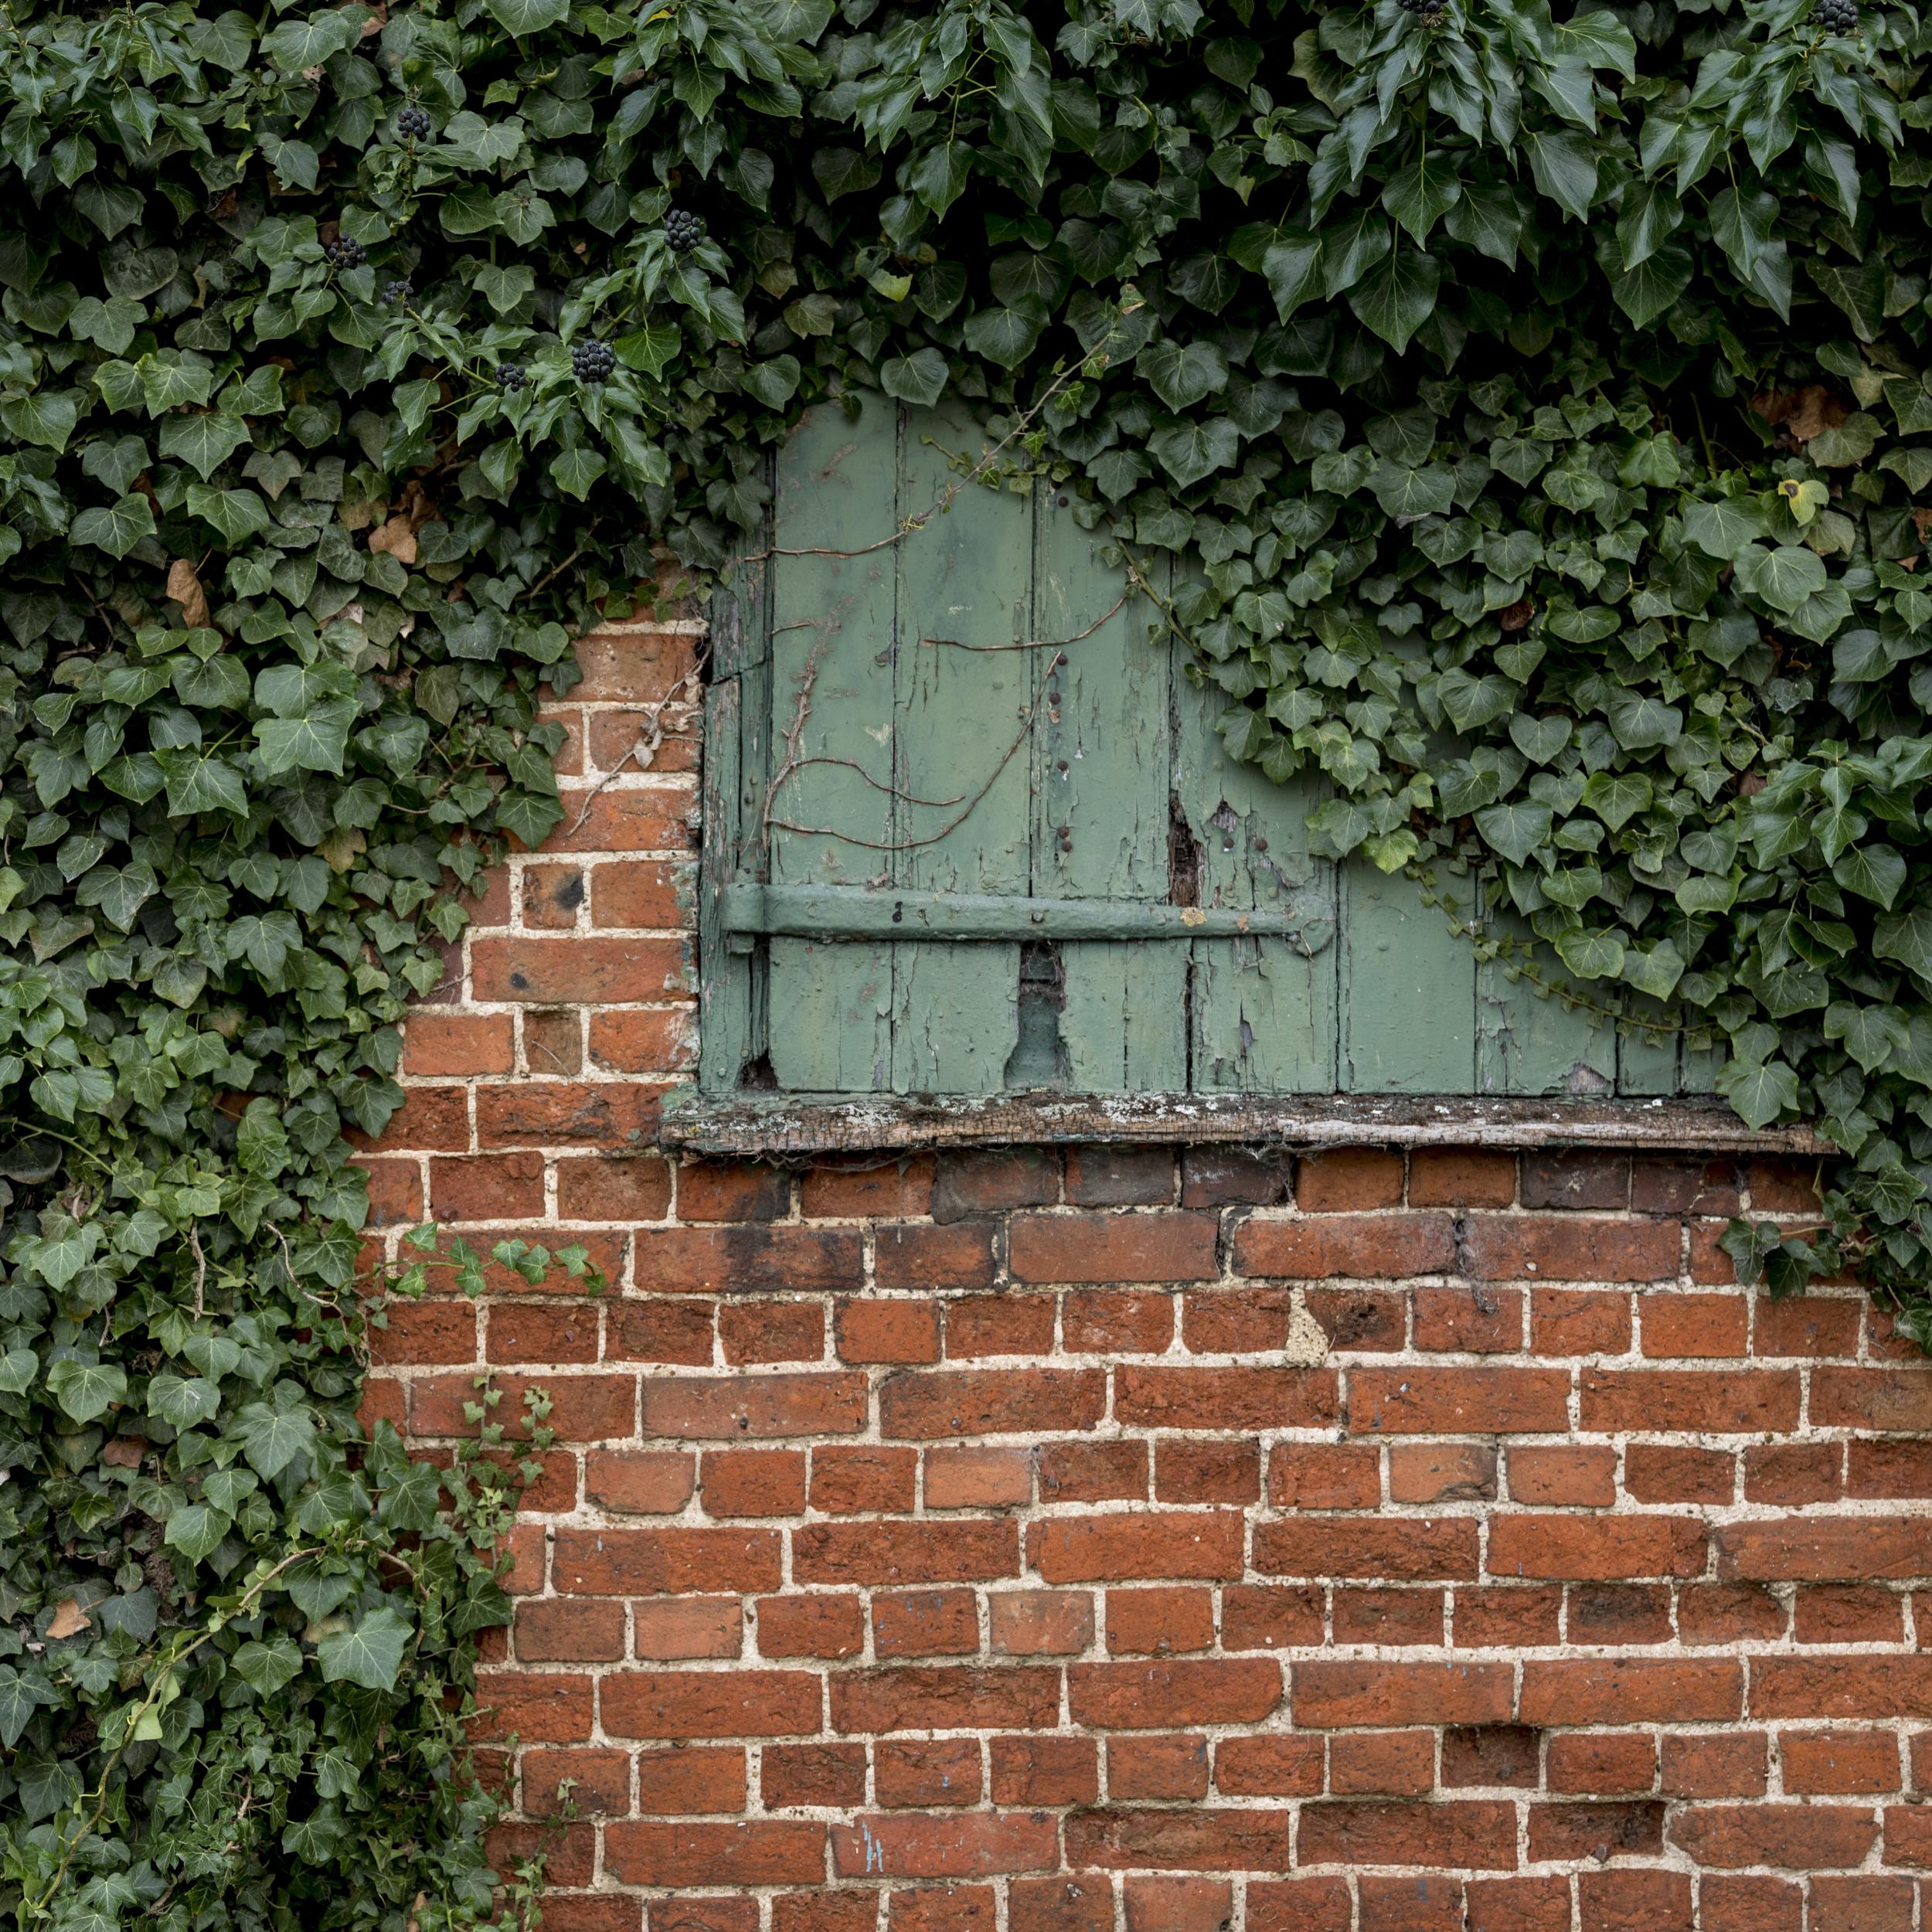 Window Dressing - Leica SL & 24-90mm @ f/3.3, 1/40 sec